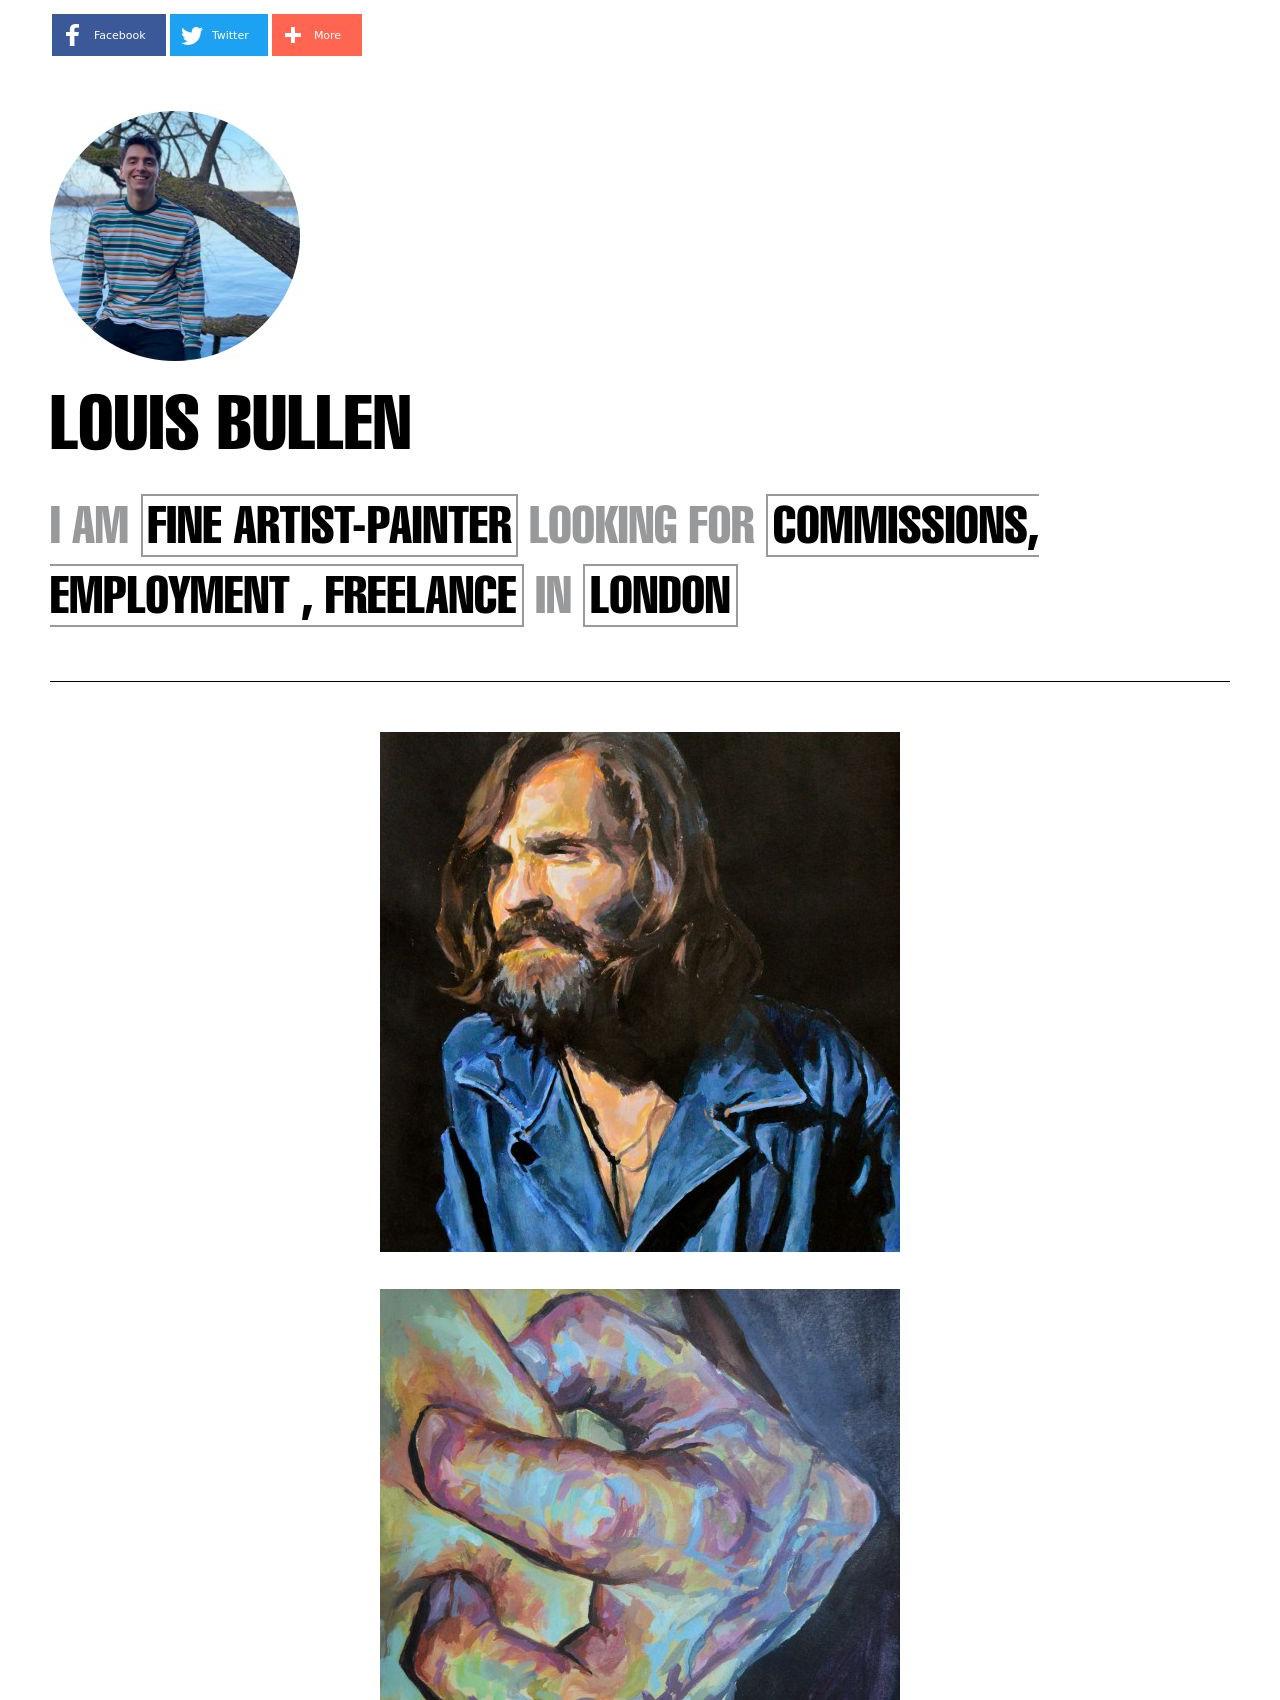 Louis Bullen